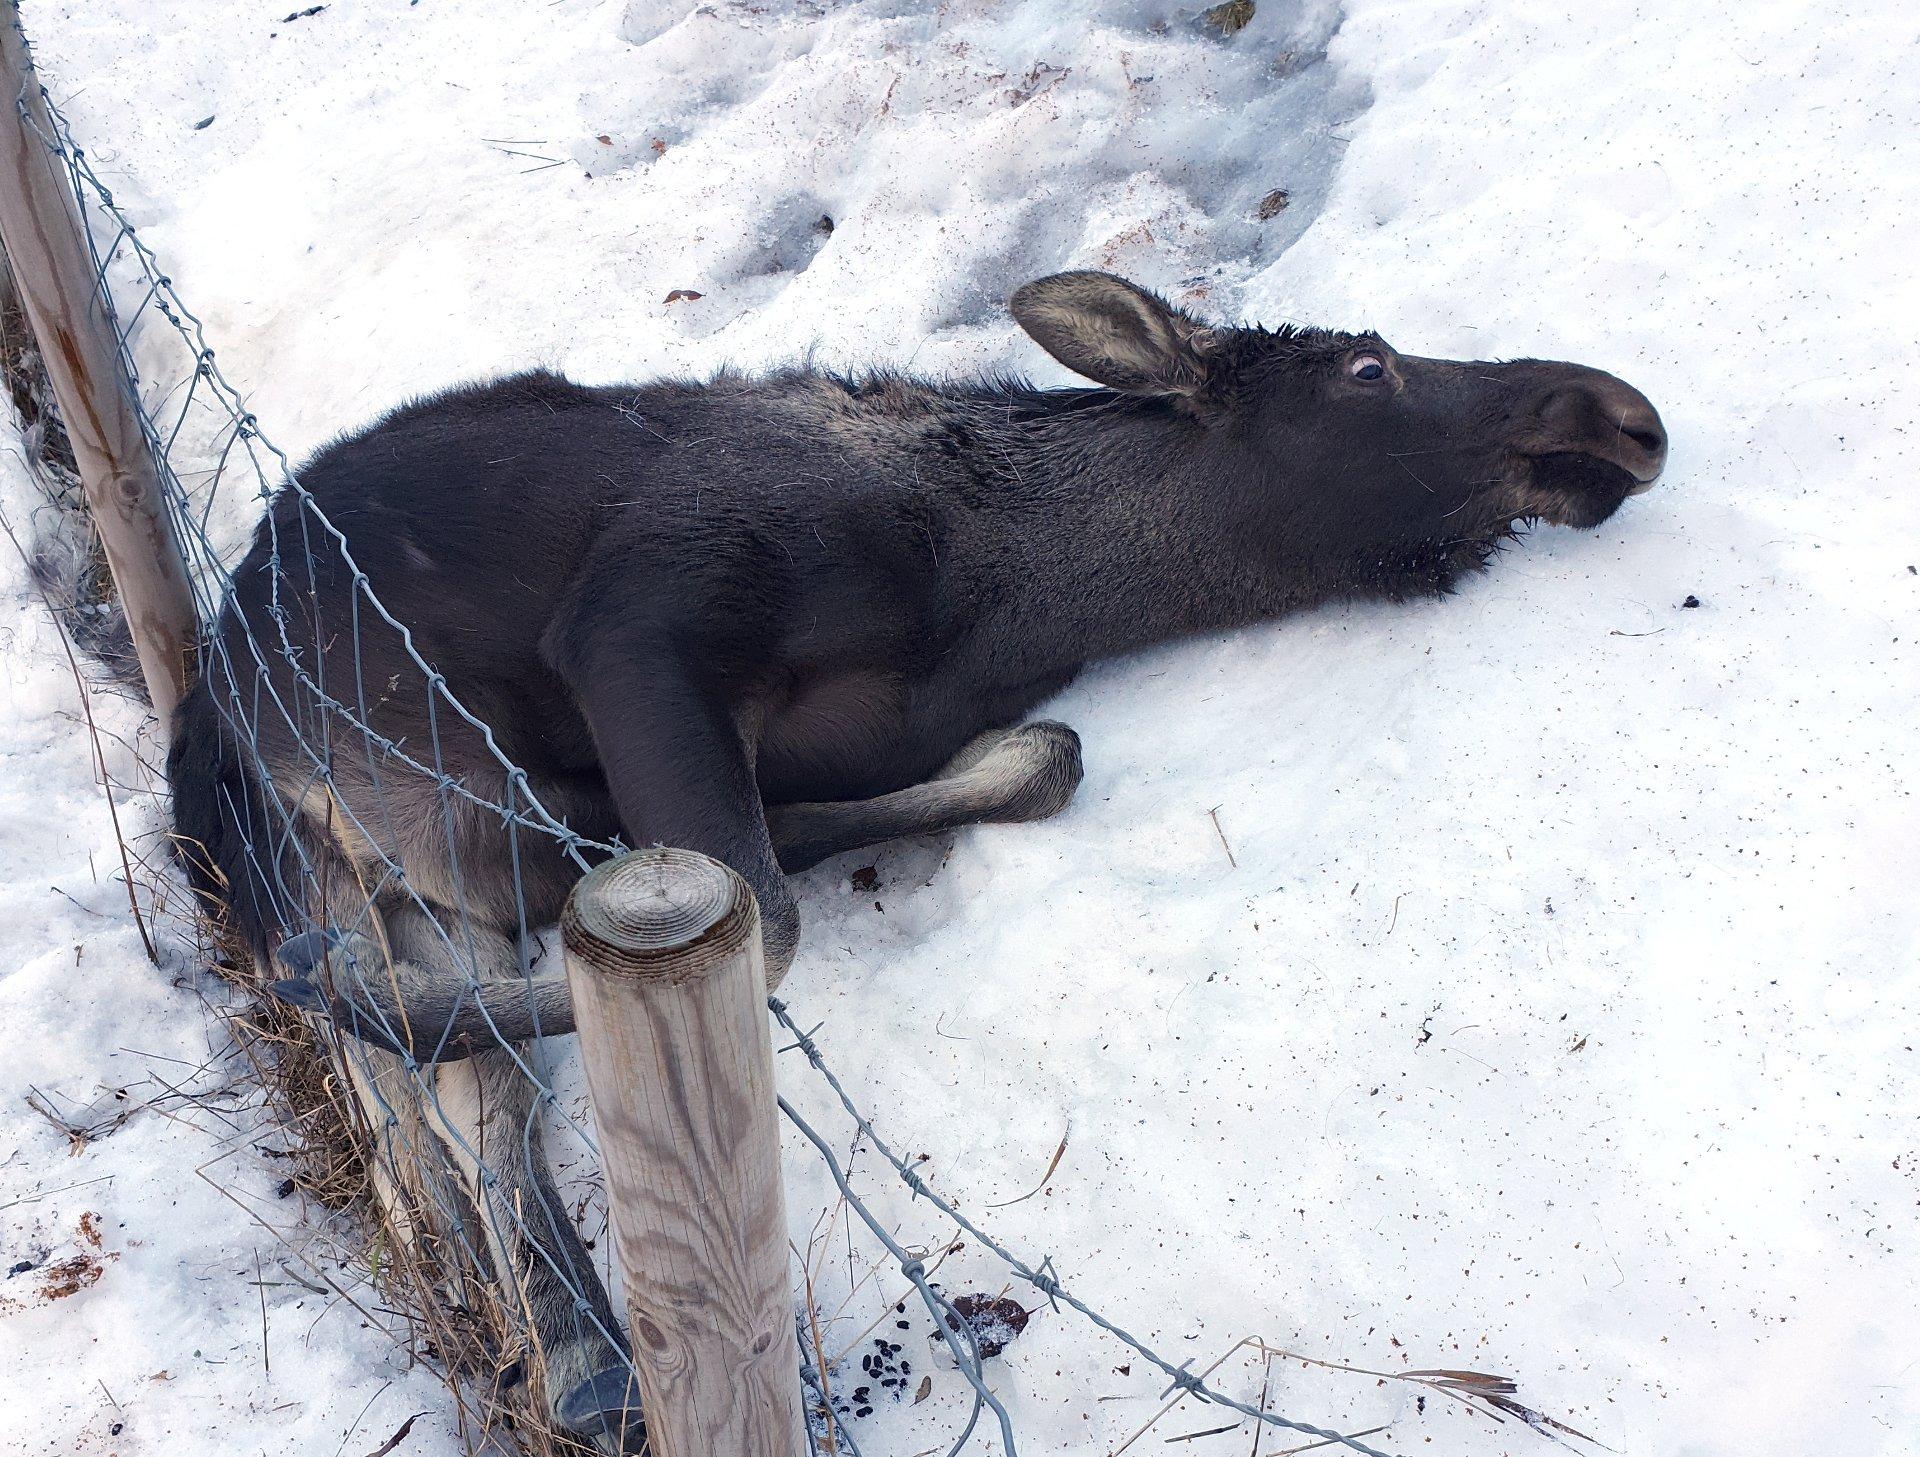 Trodde først elgkalven var død, men så begynte den å slå med beina